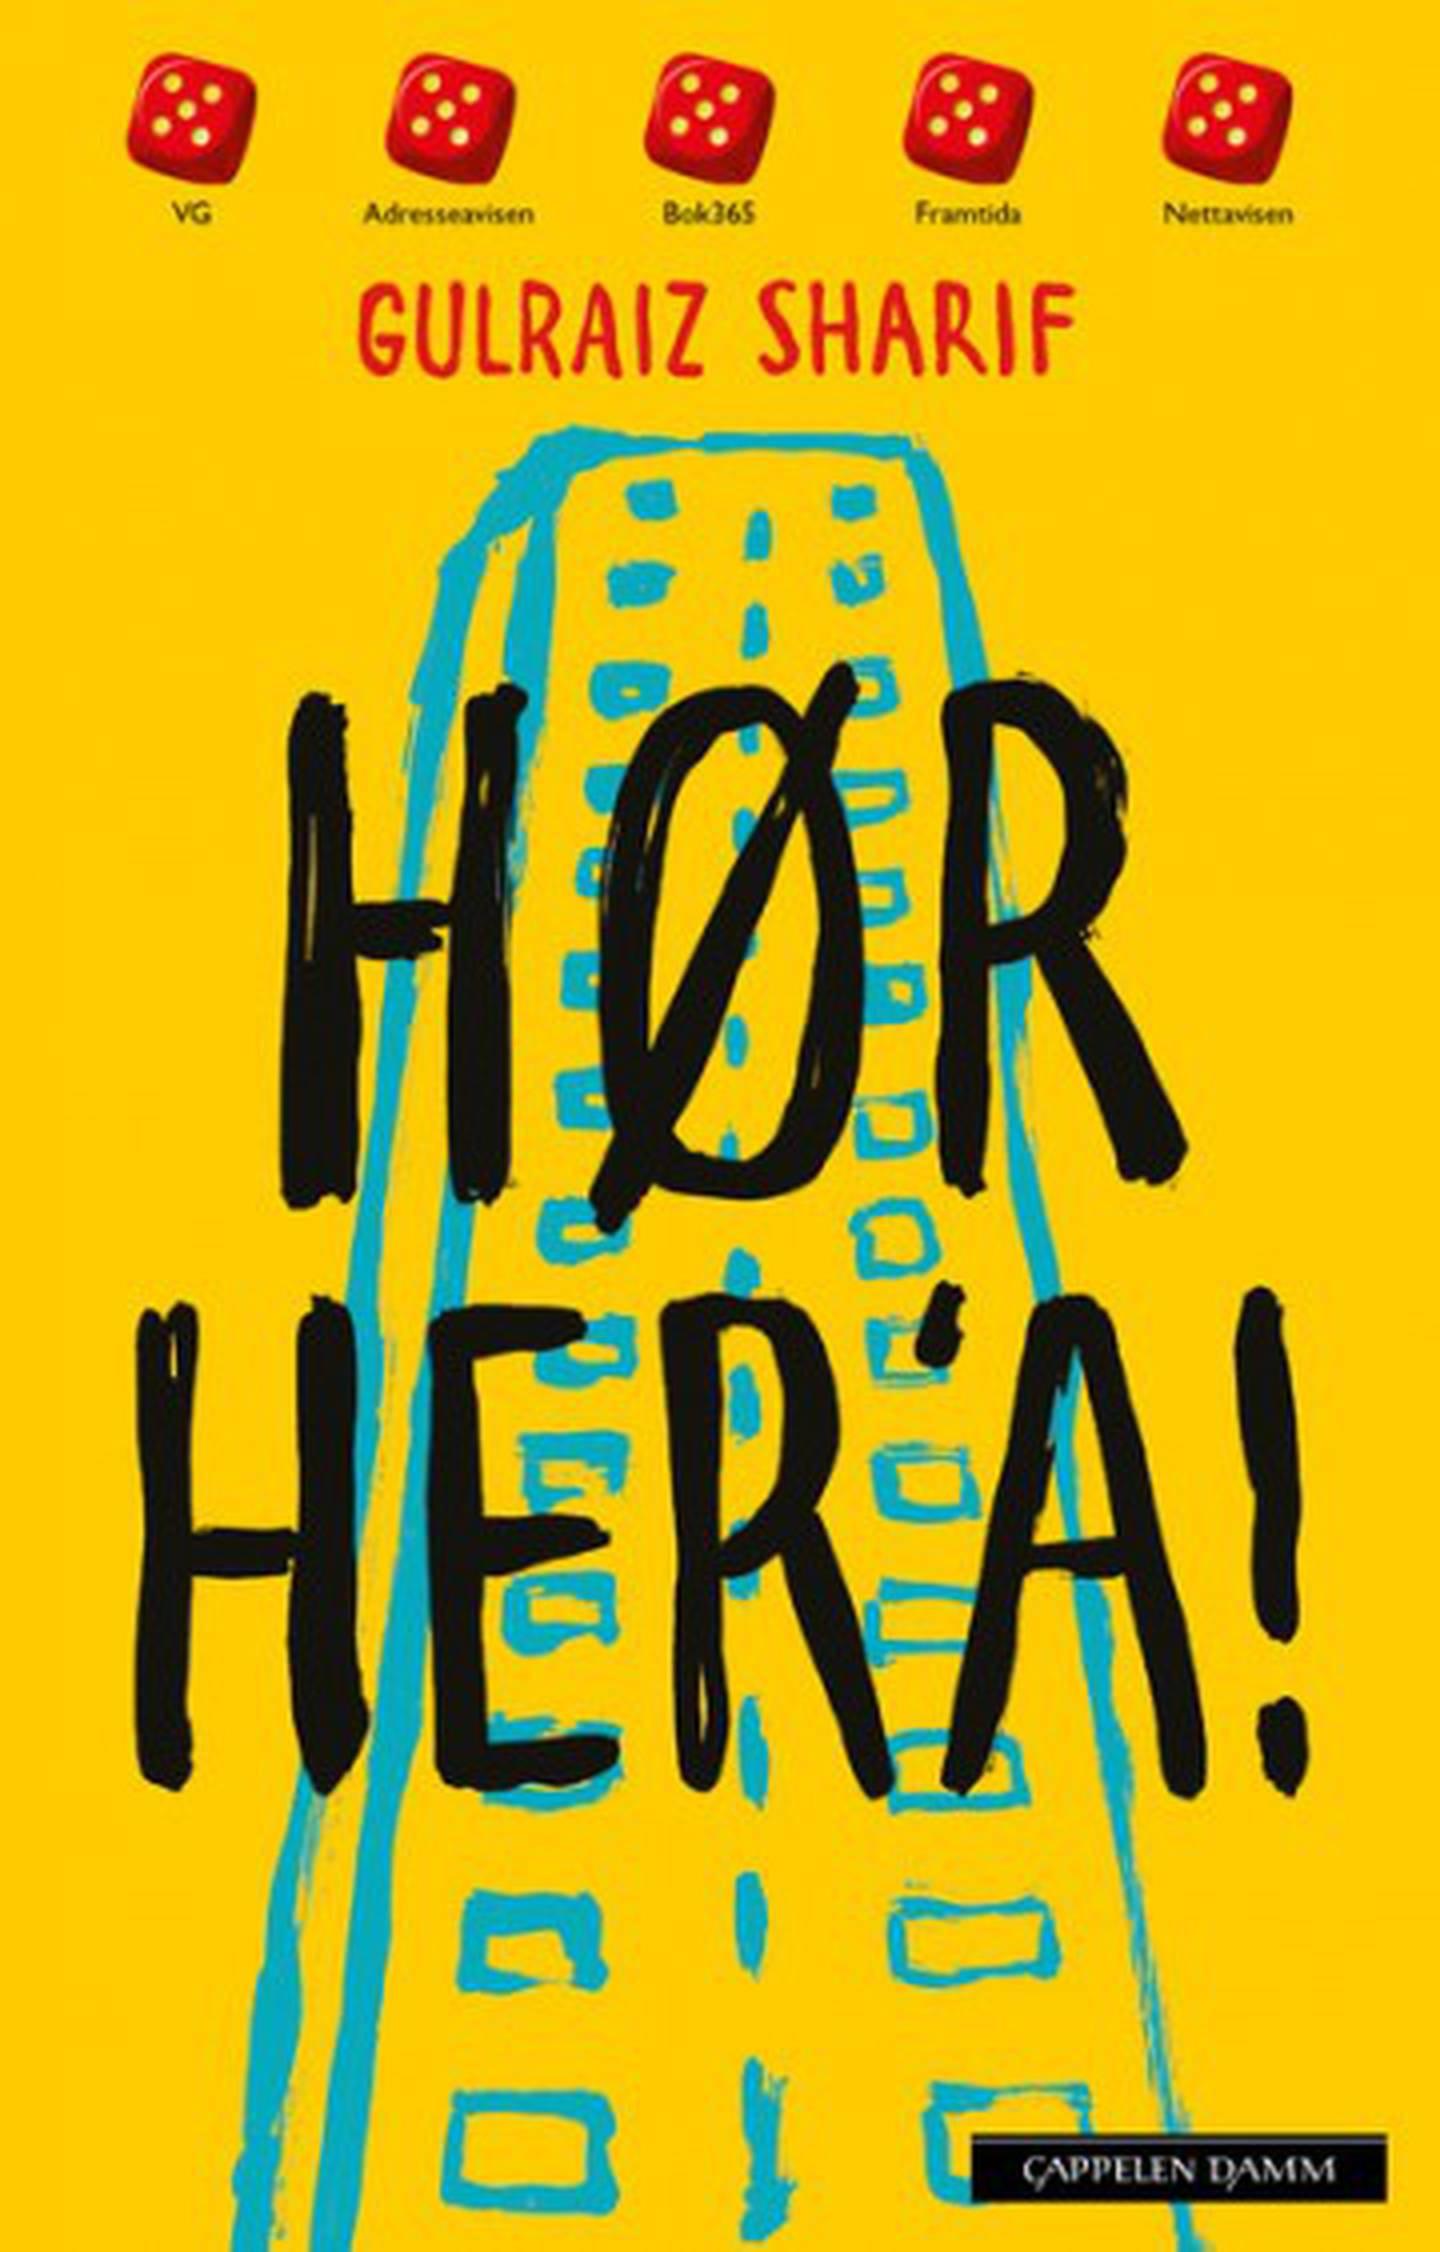 «Hør her 'a» av Gulraiz Sharif er tildelt Kulturdepartementets debutantpris for barne- og ungdomslitteratur